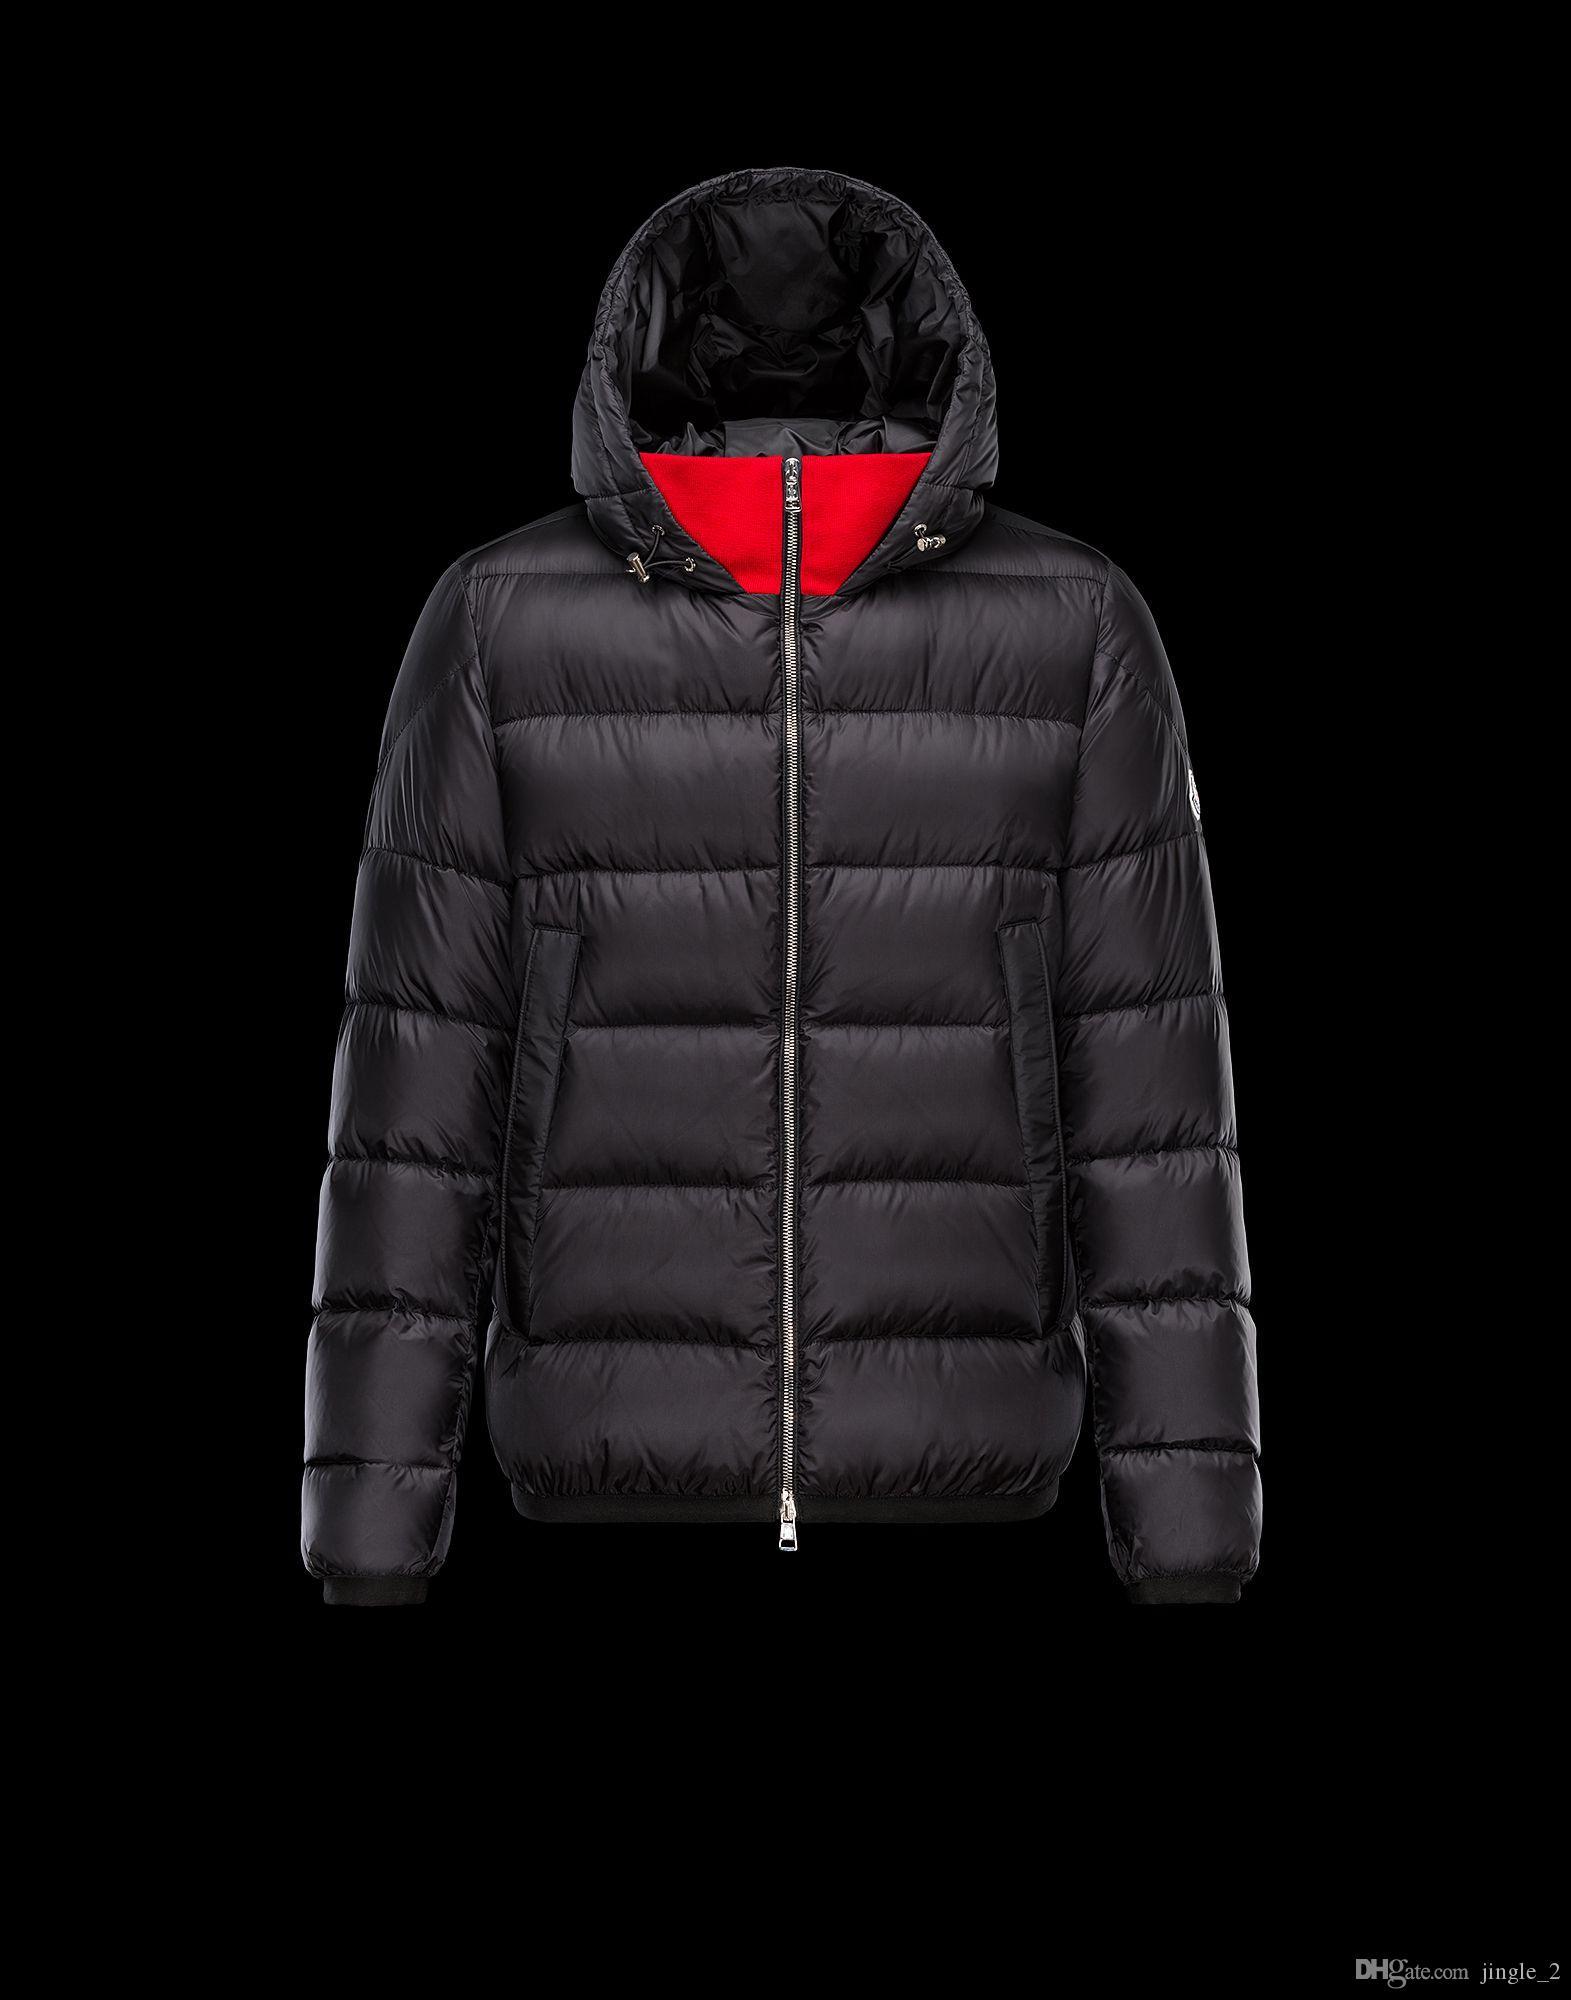 Piumini 2010 Piumini invernali 90% inverno Abiti caldi Short Outwear 150-68